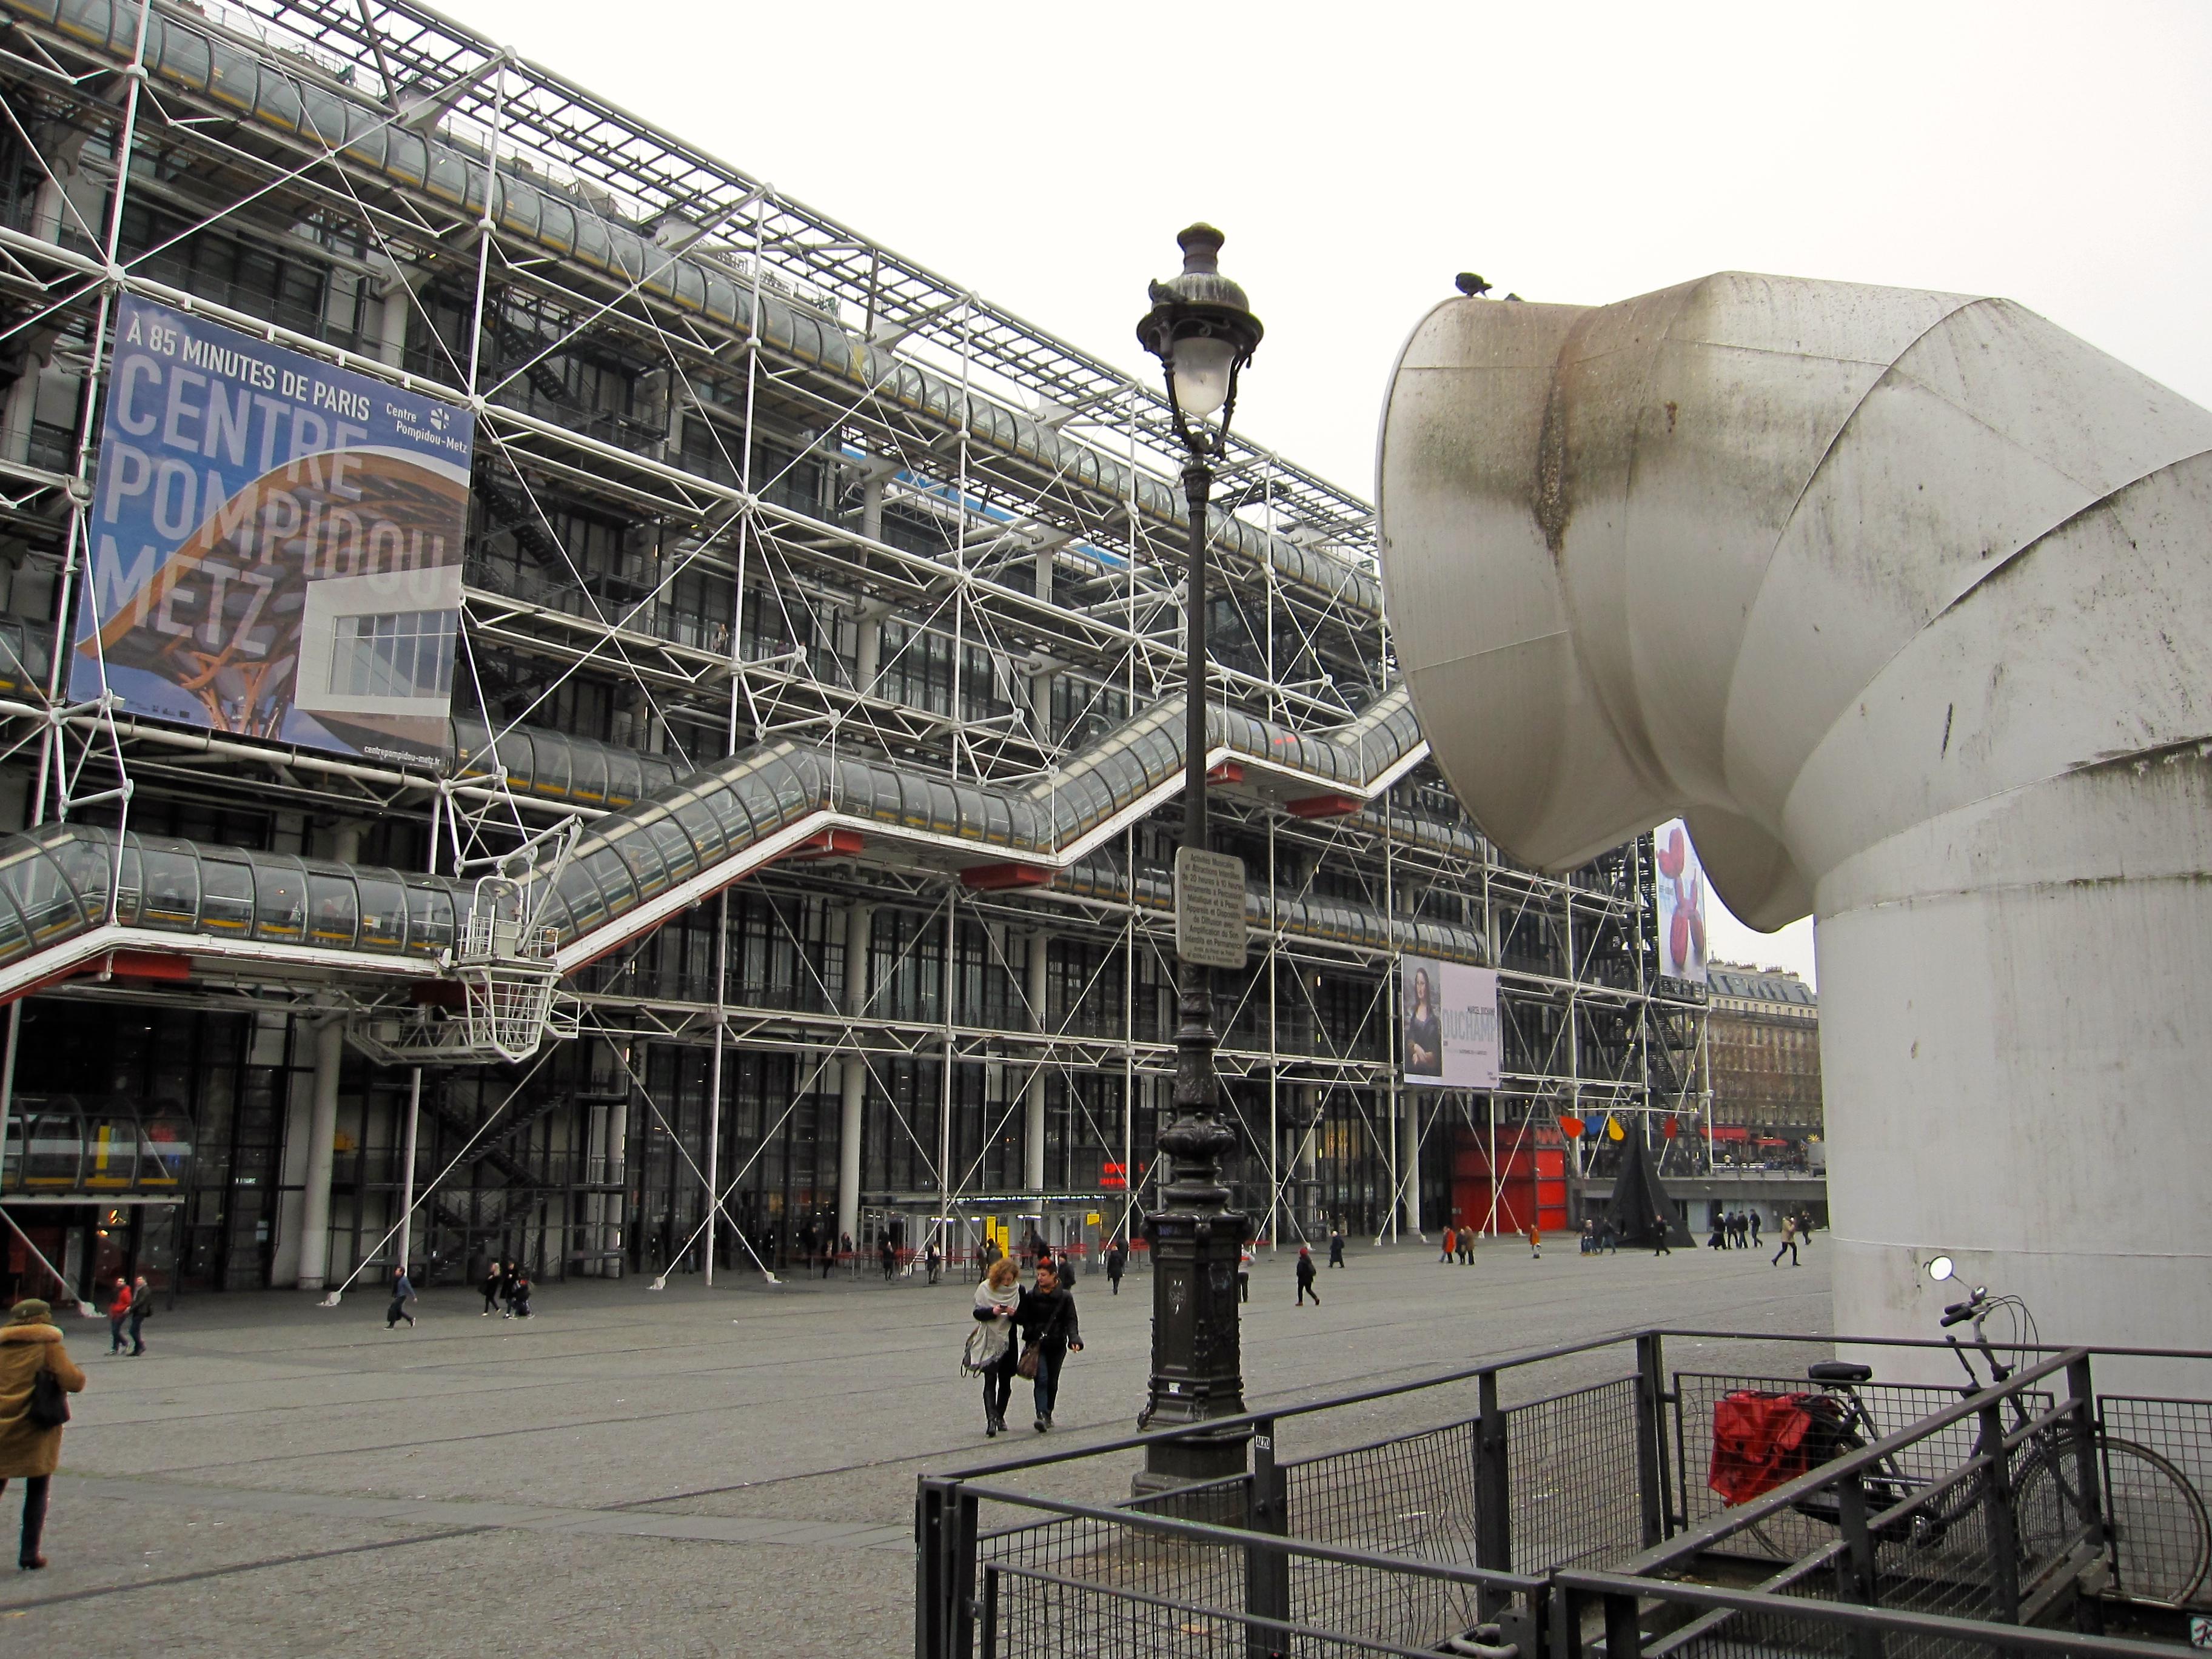 Frank gehry paris exhibition for Art minimal centre pompidou